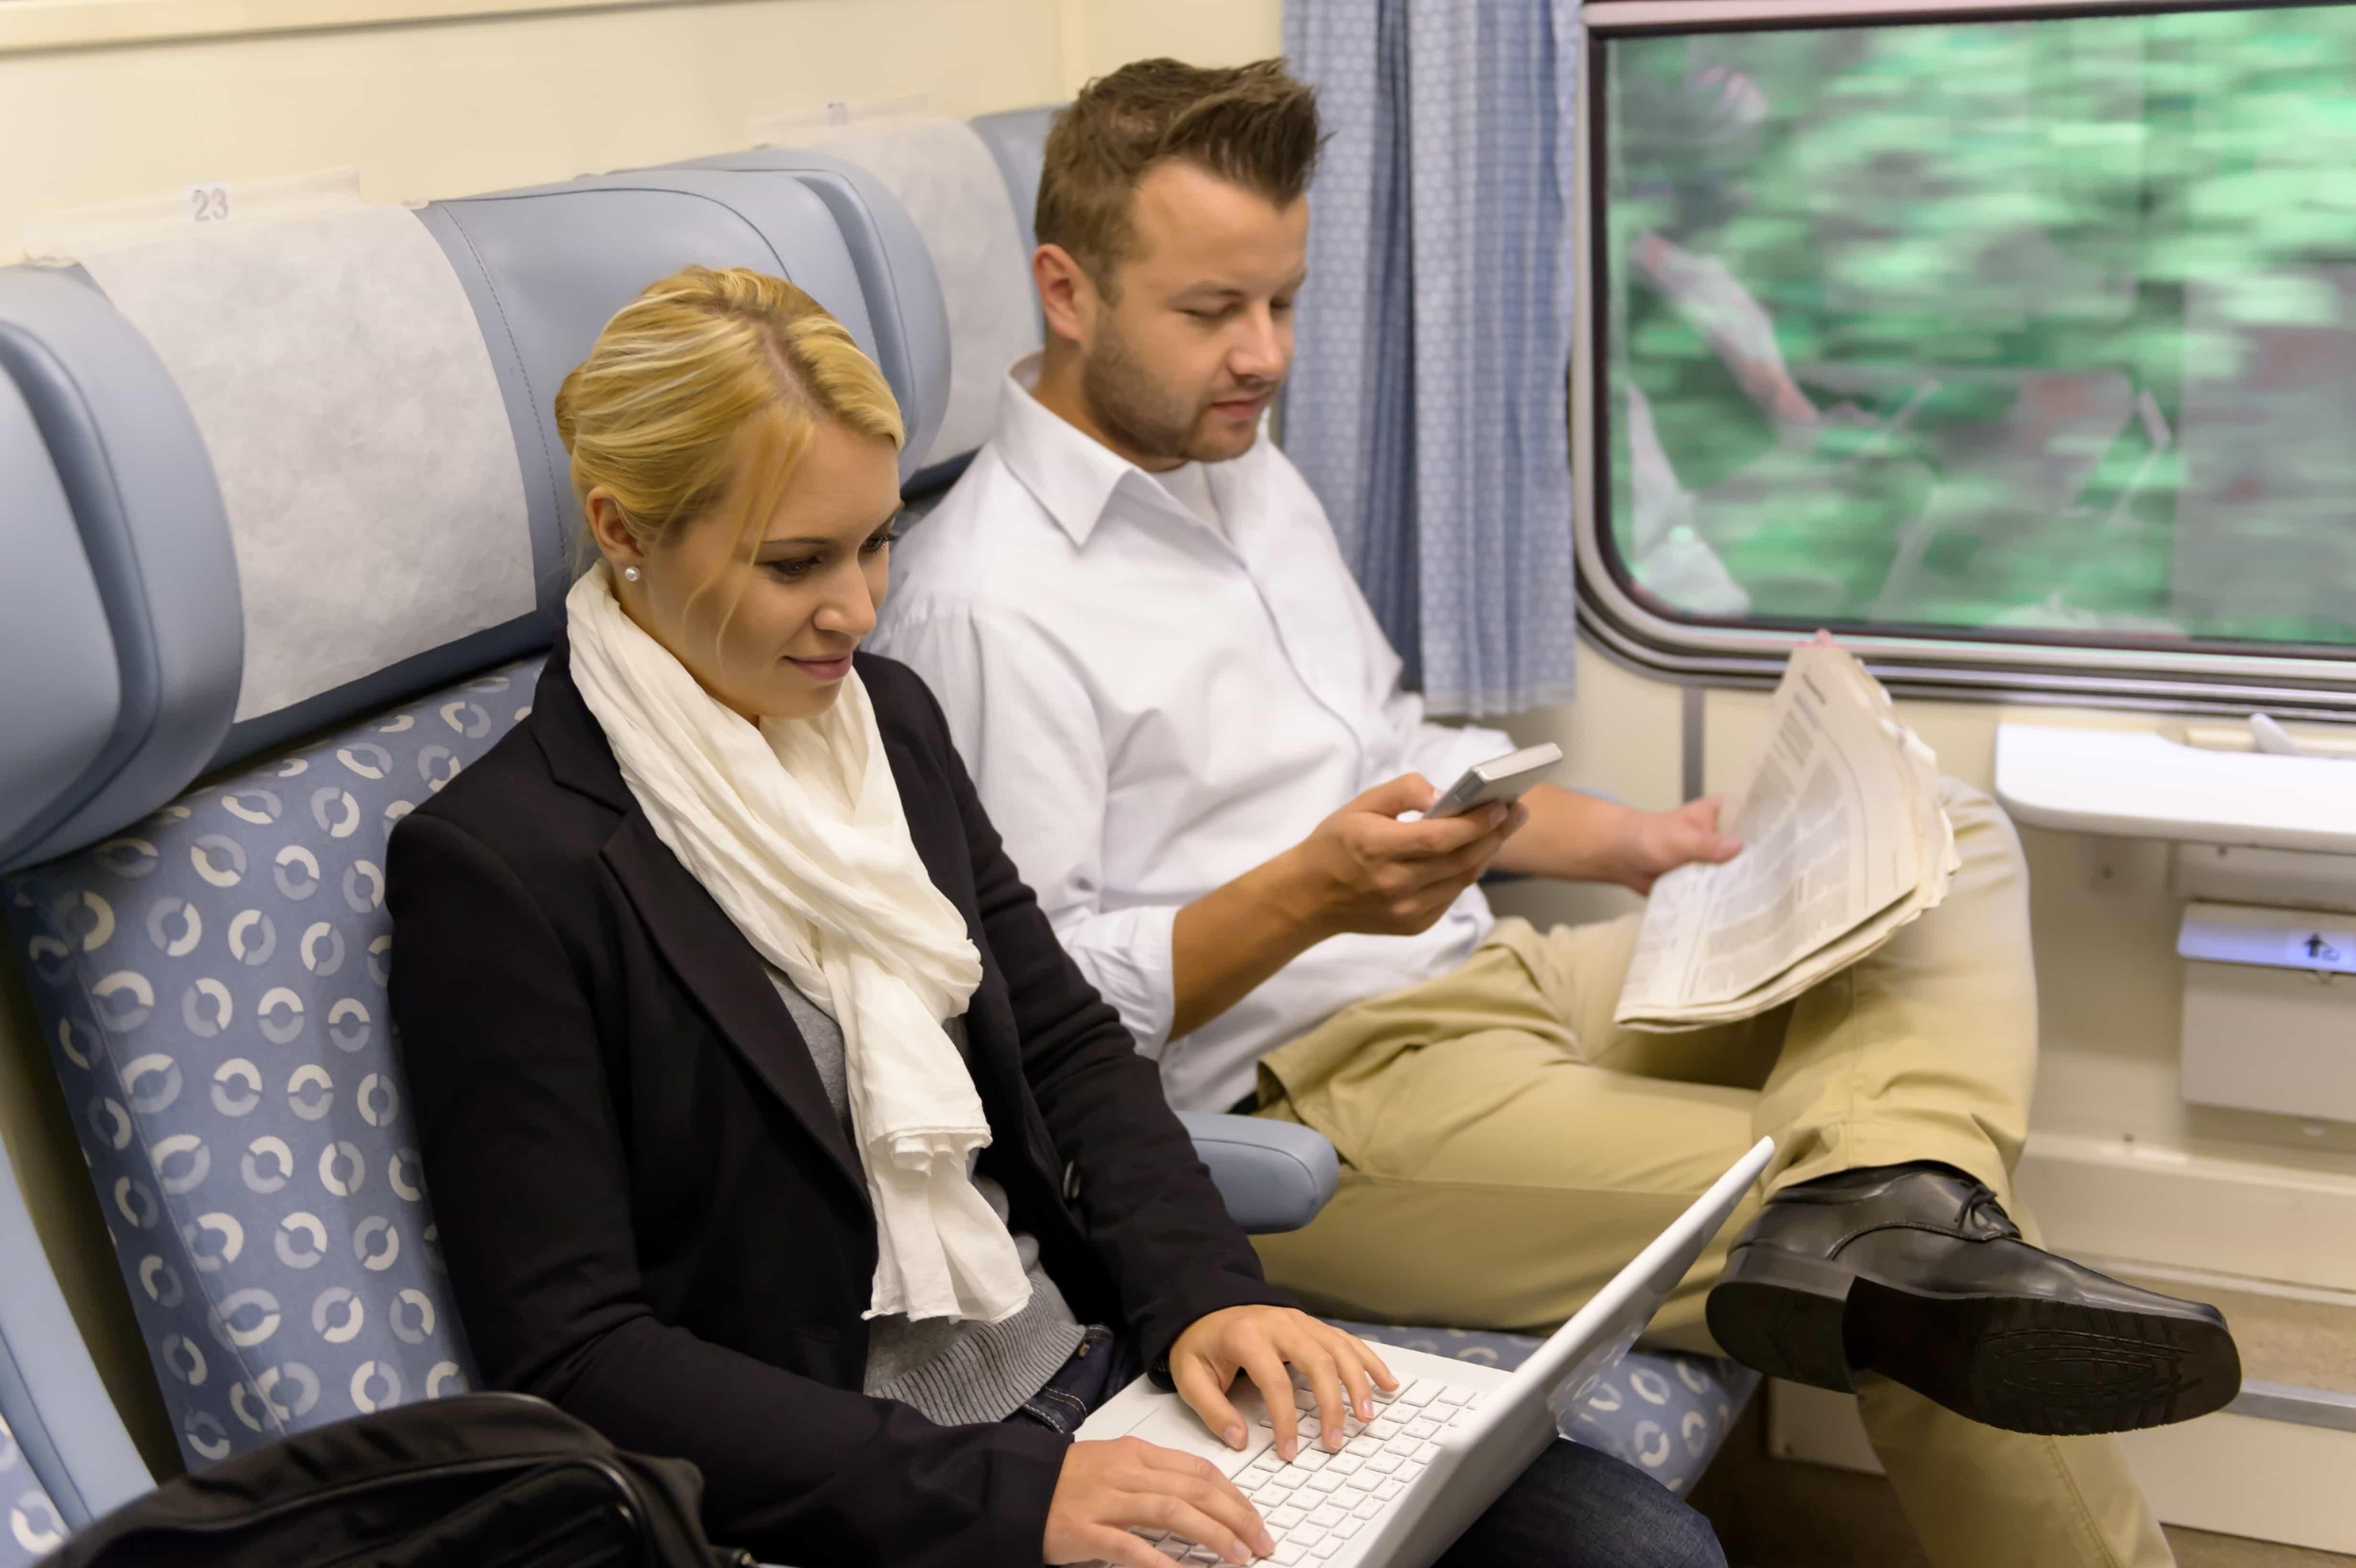 dos personas viajando en transporte público